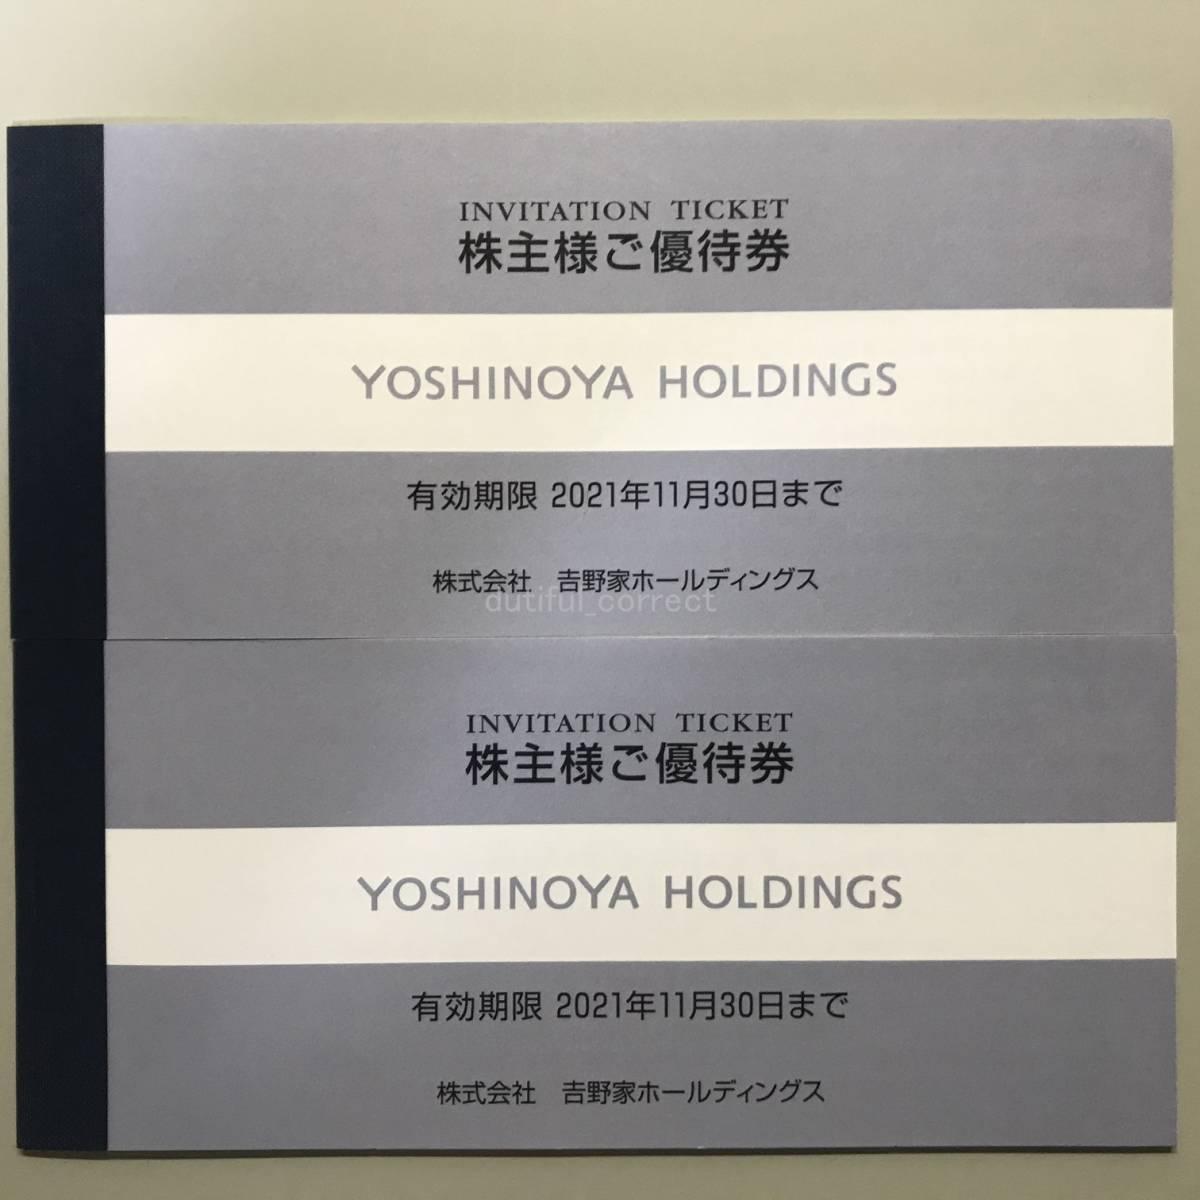 【匿名配送無料】吉野家 株主優待券 6000円分 有効期限 2021年11月30日 YOSHINOYA HOLDINGS_画像1